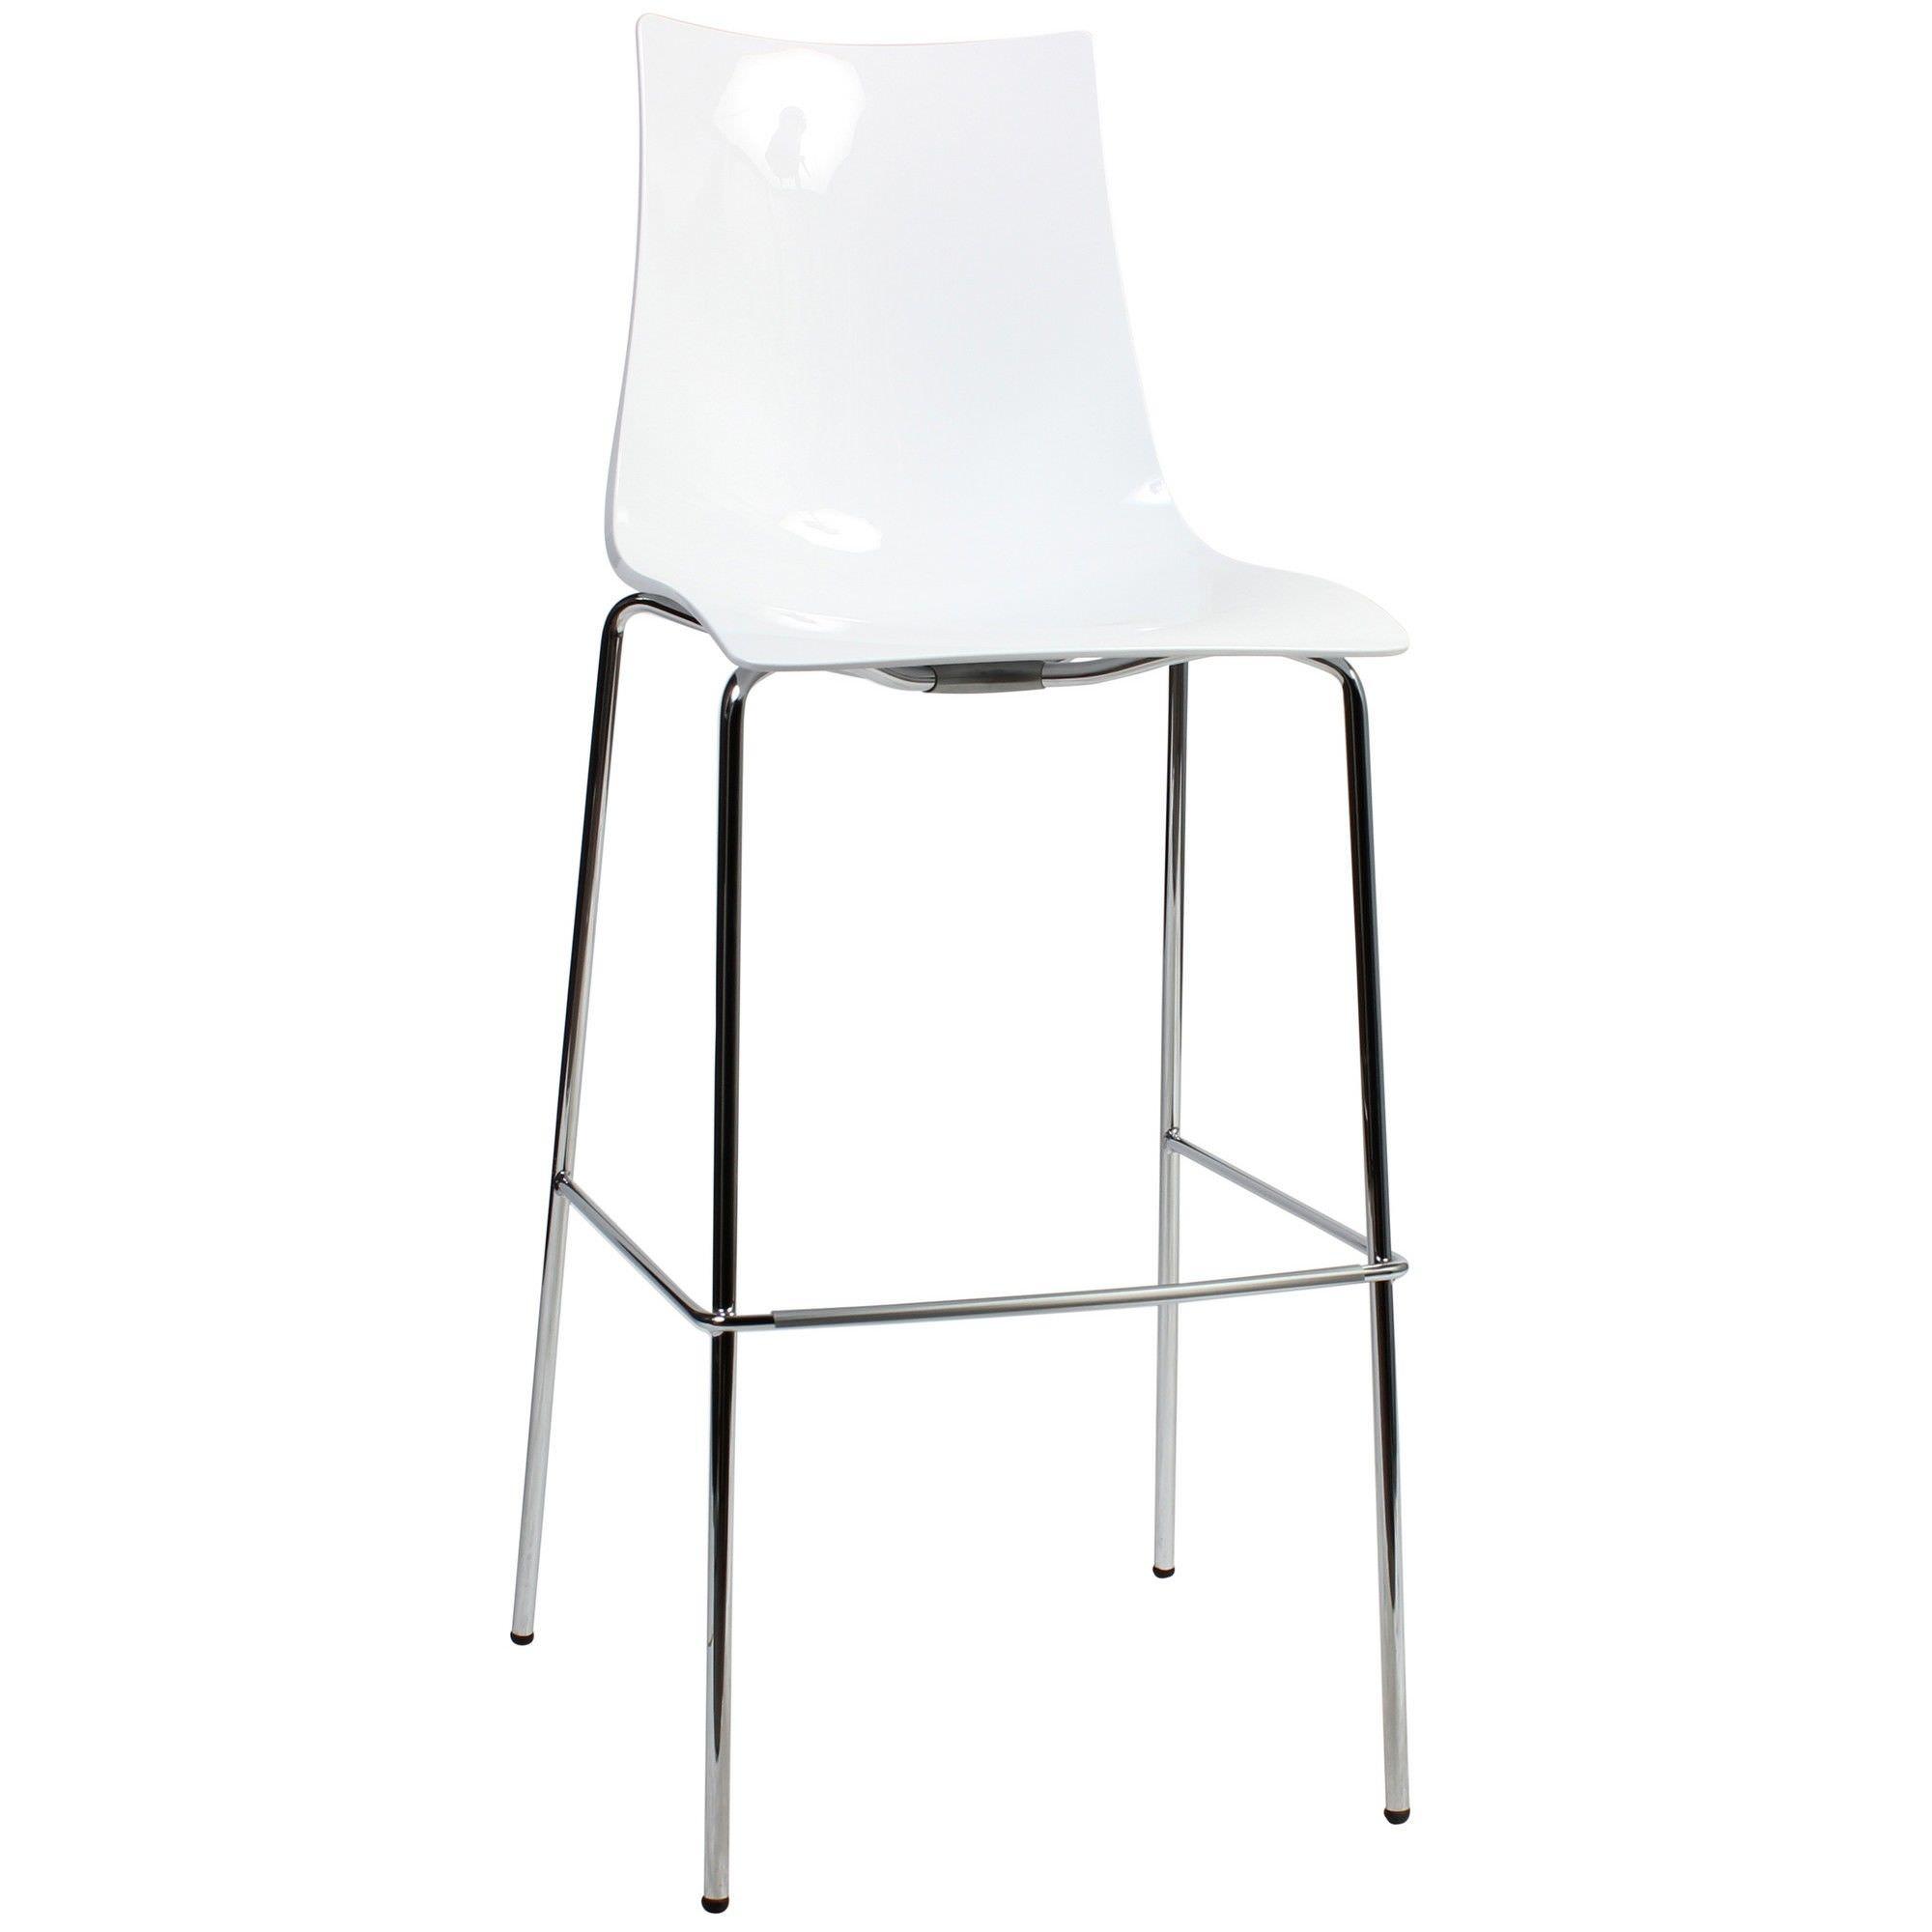 Zebra Italian Made Commercial Grade Bar Stool, Metal Leg, White / Chrome